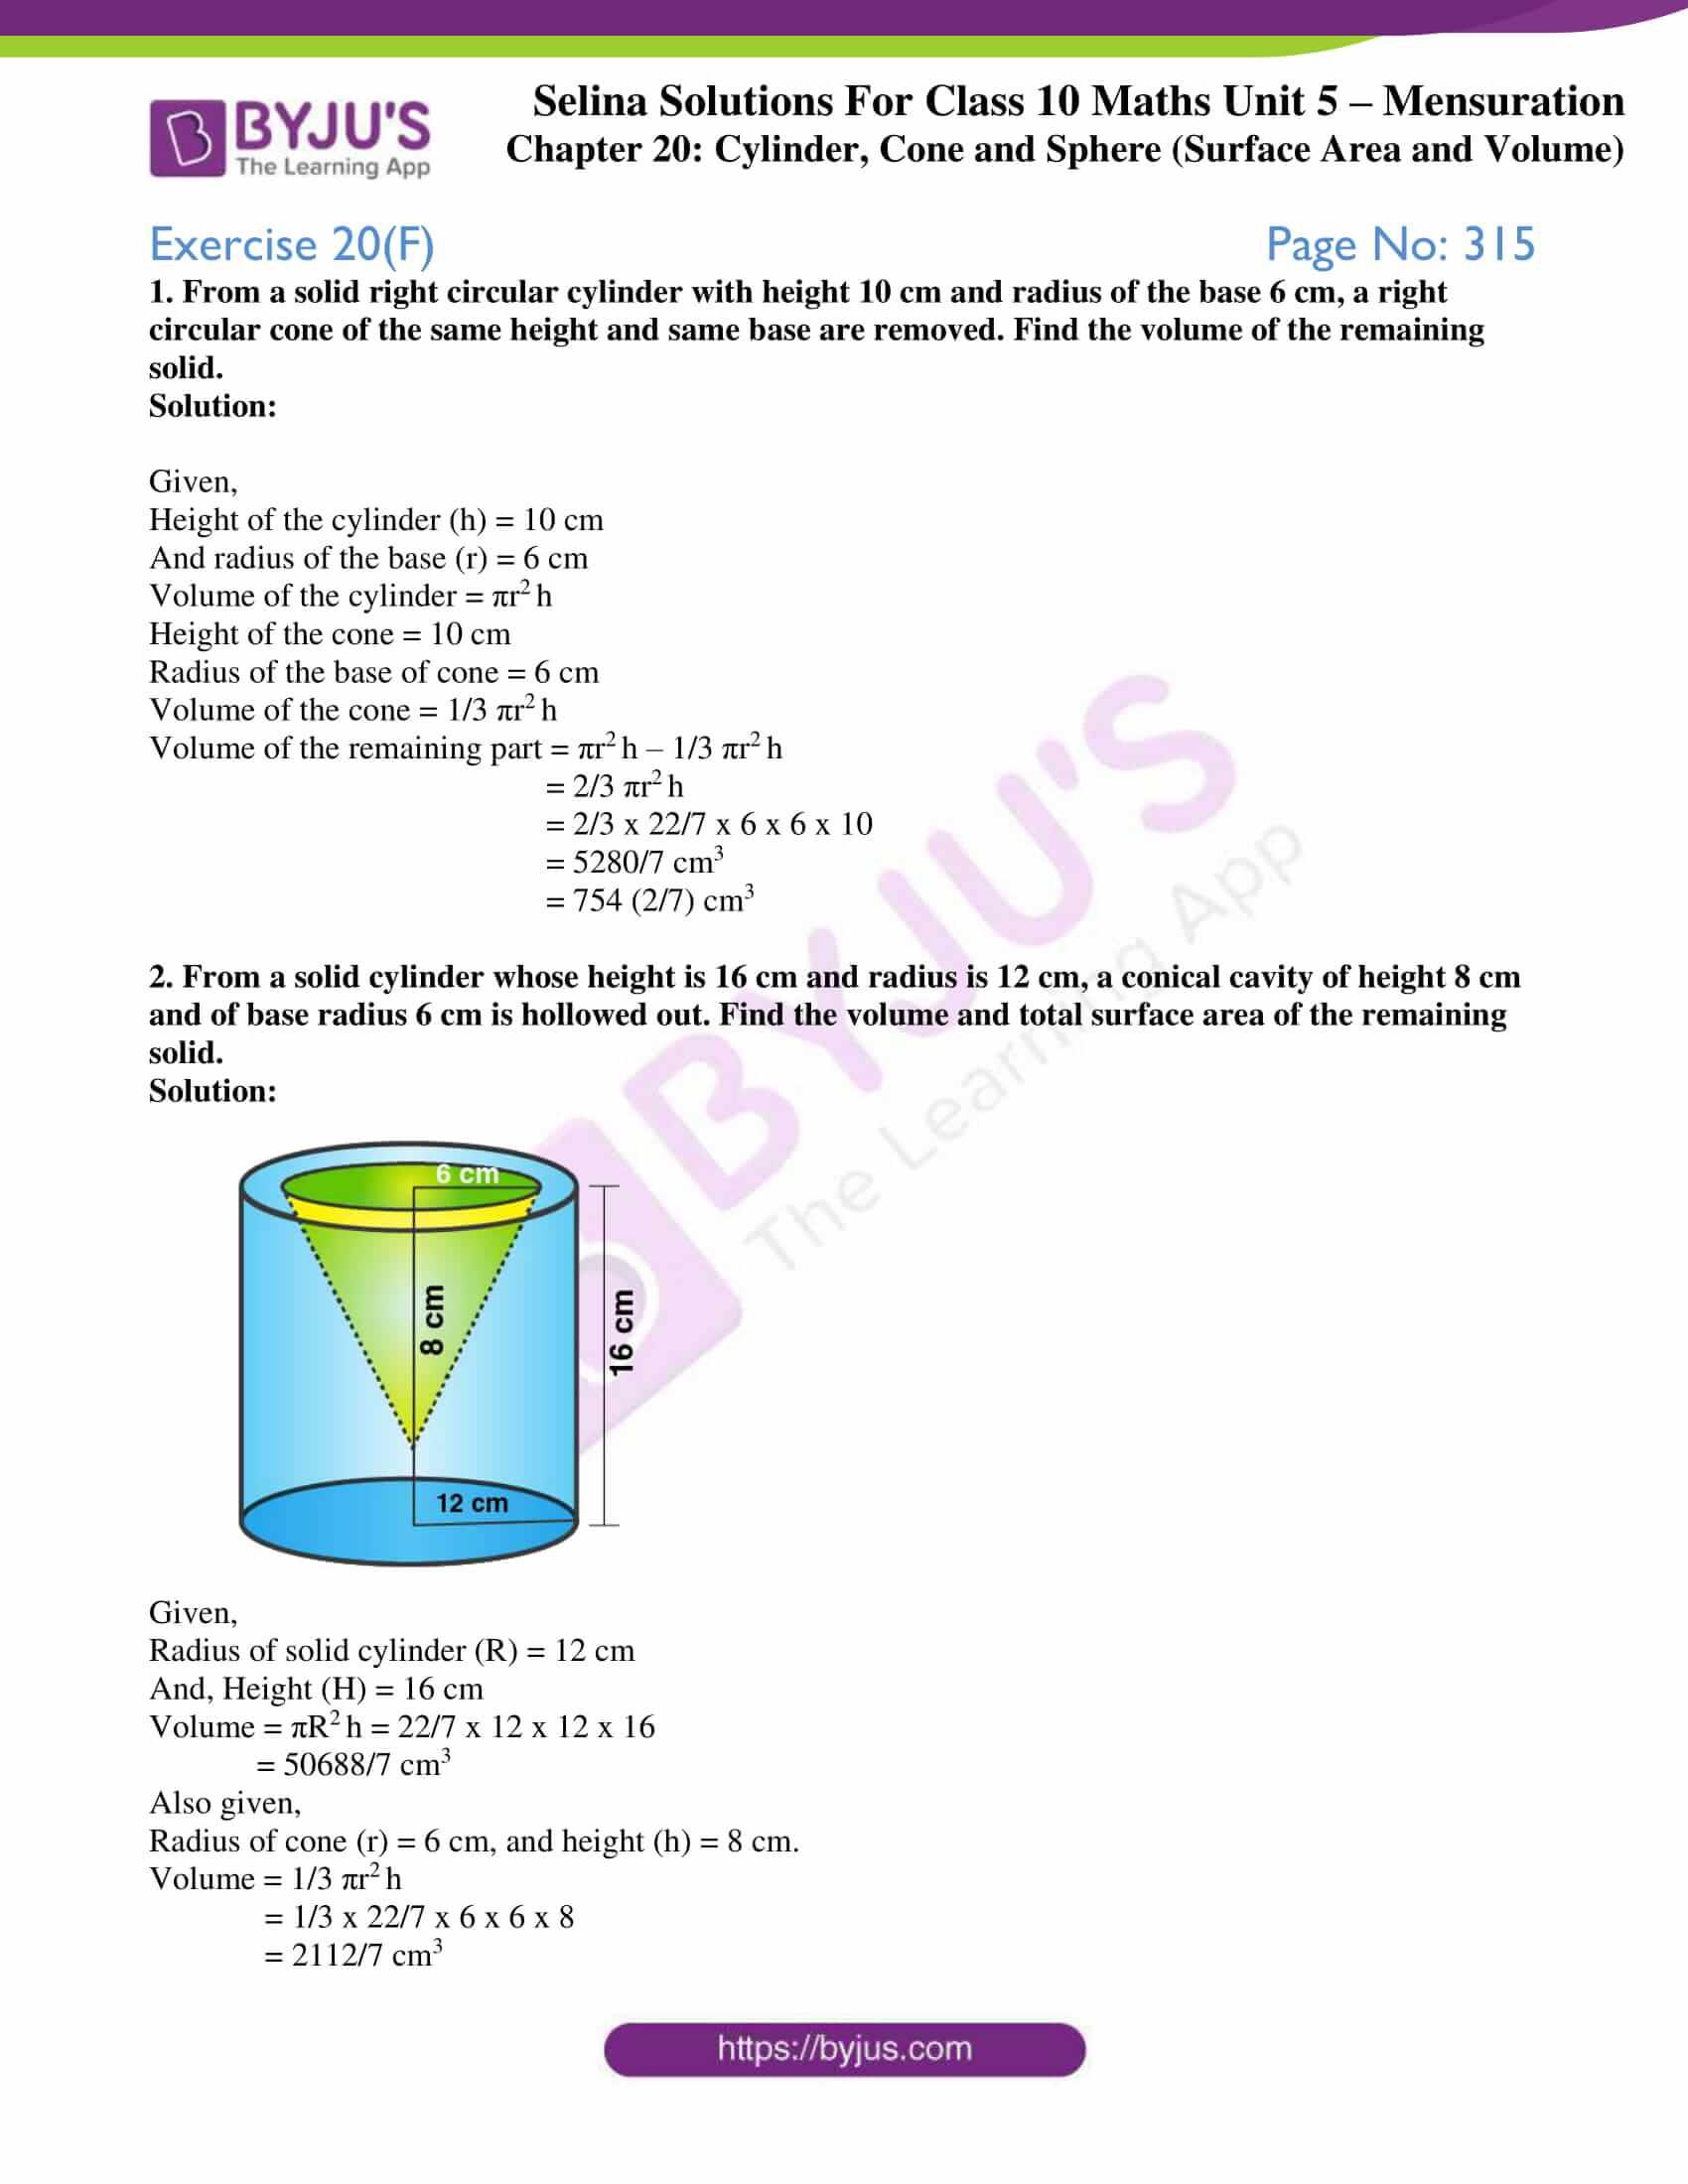 selina-sol-maths-class-10-ch-20-ex-f-1